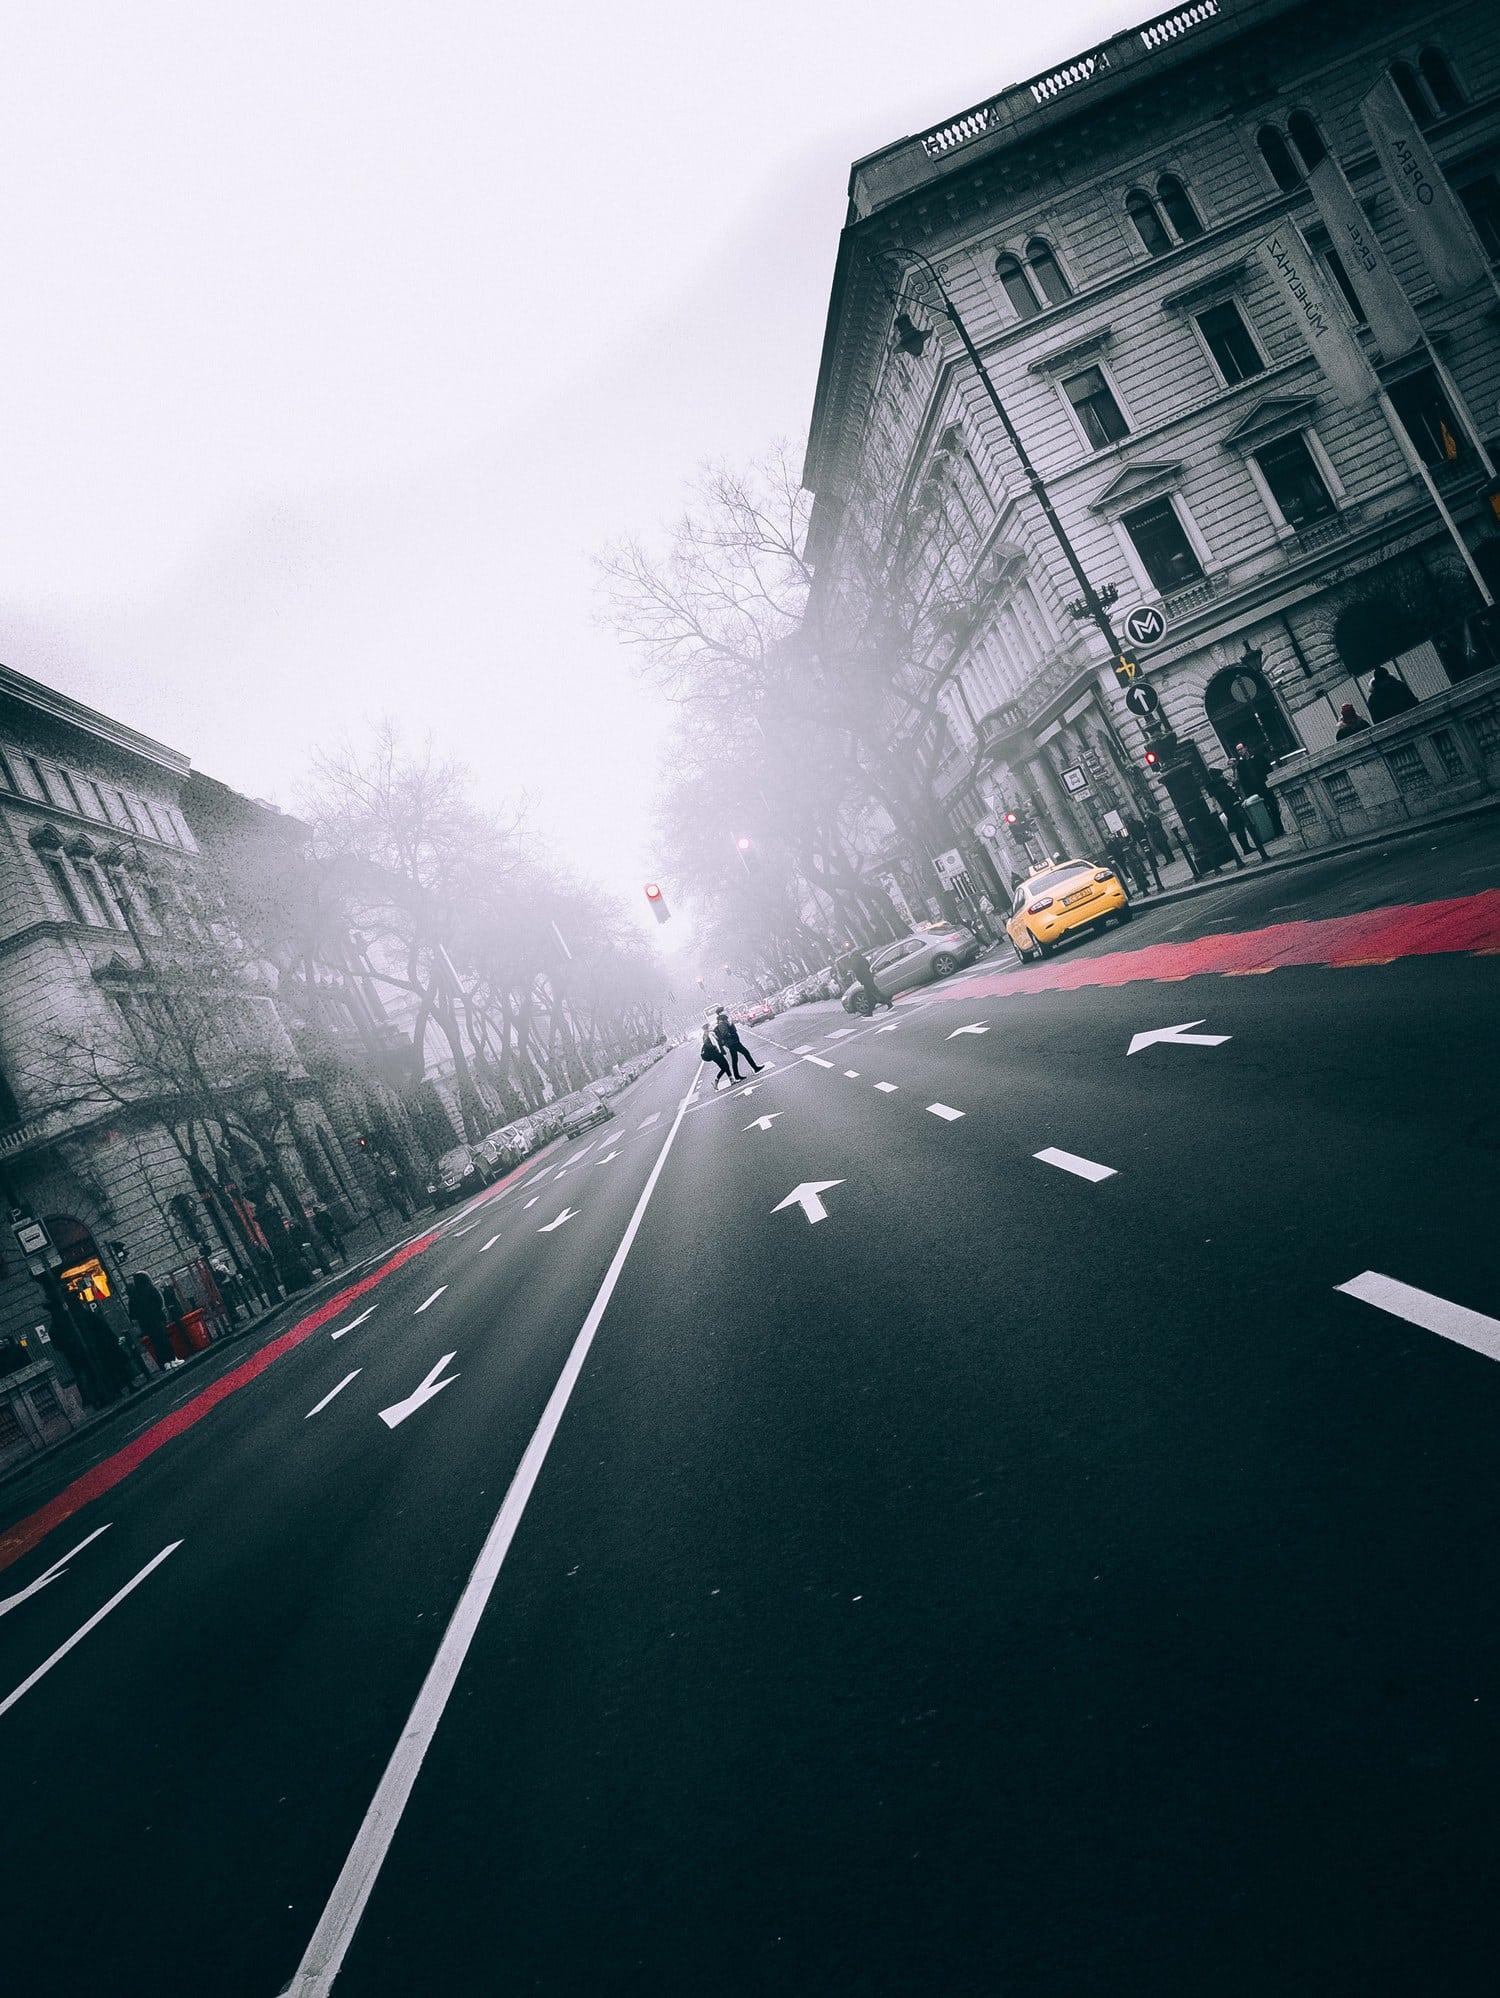 fotografía callejera tomada con cámara evil